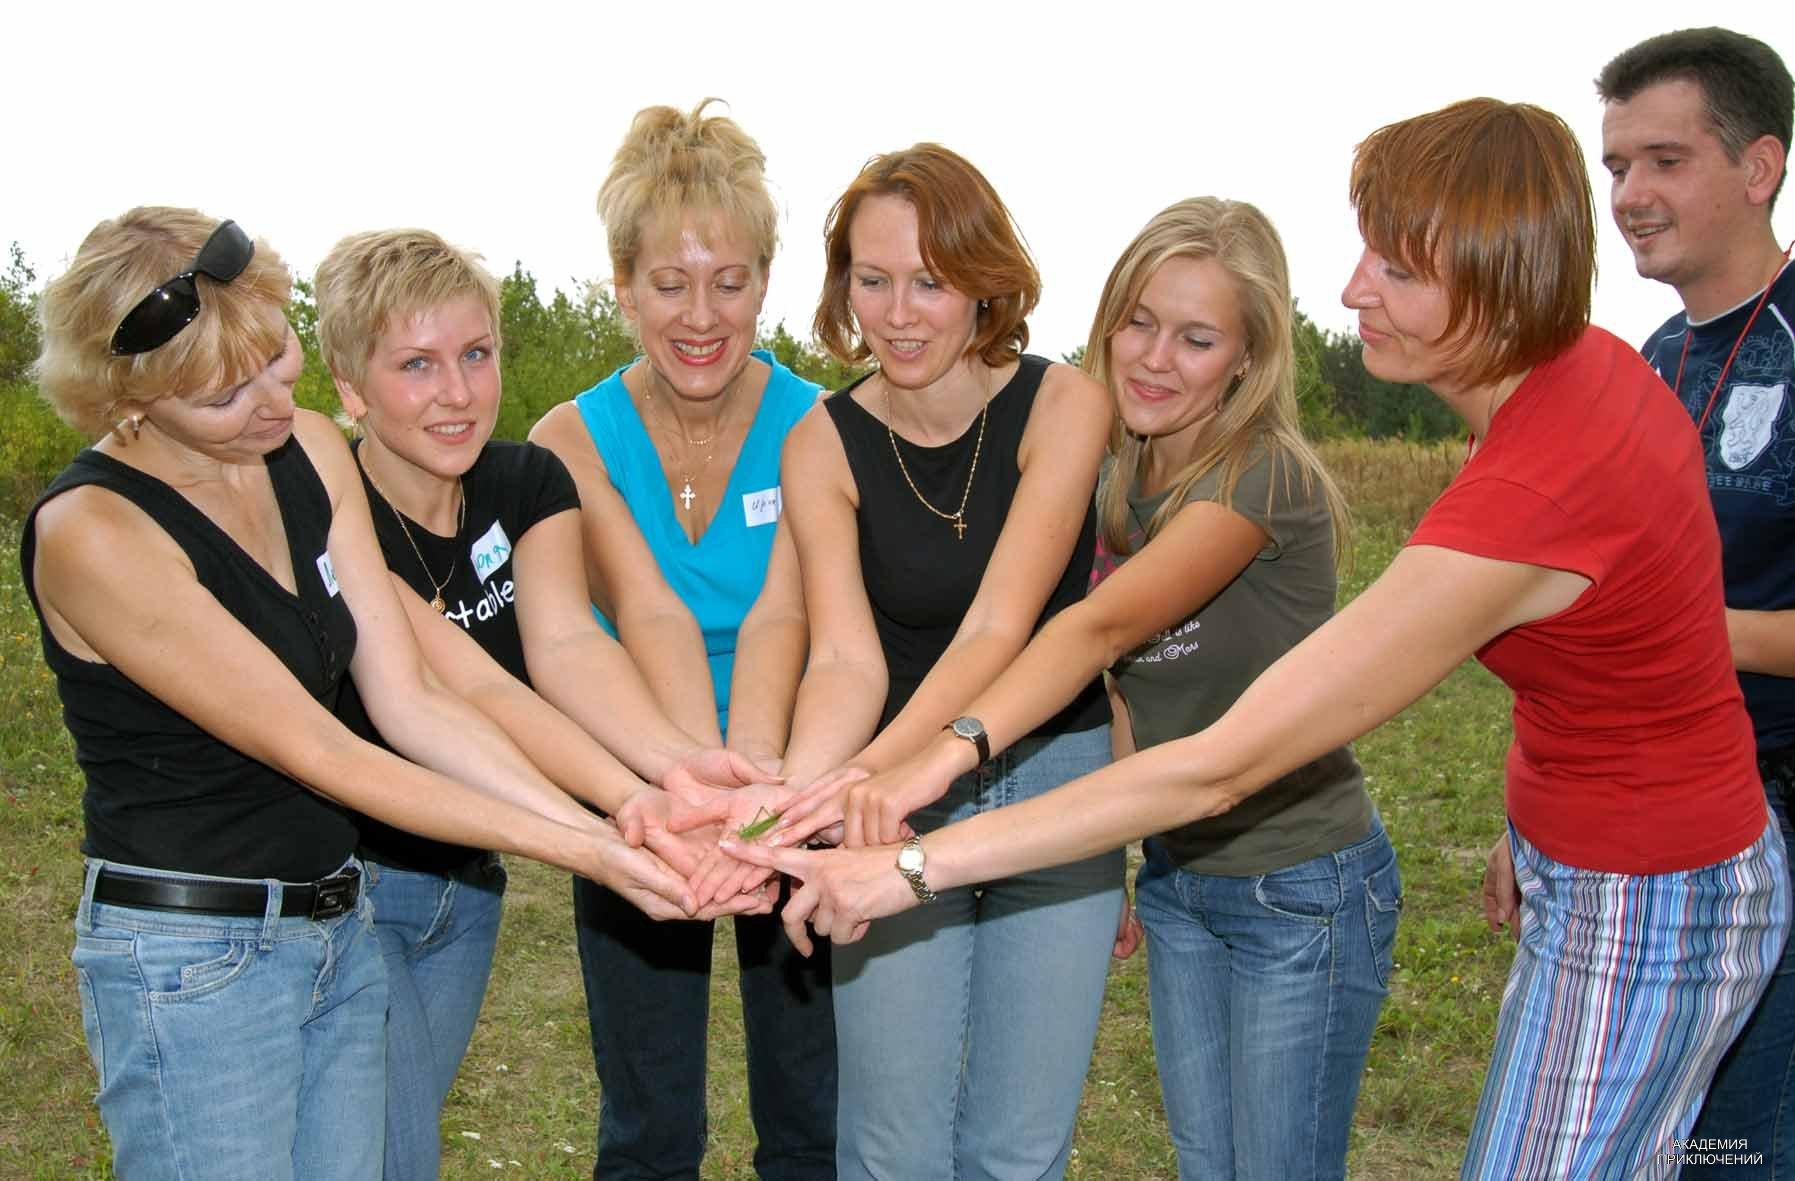 Конкурсы для женской команды